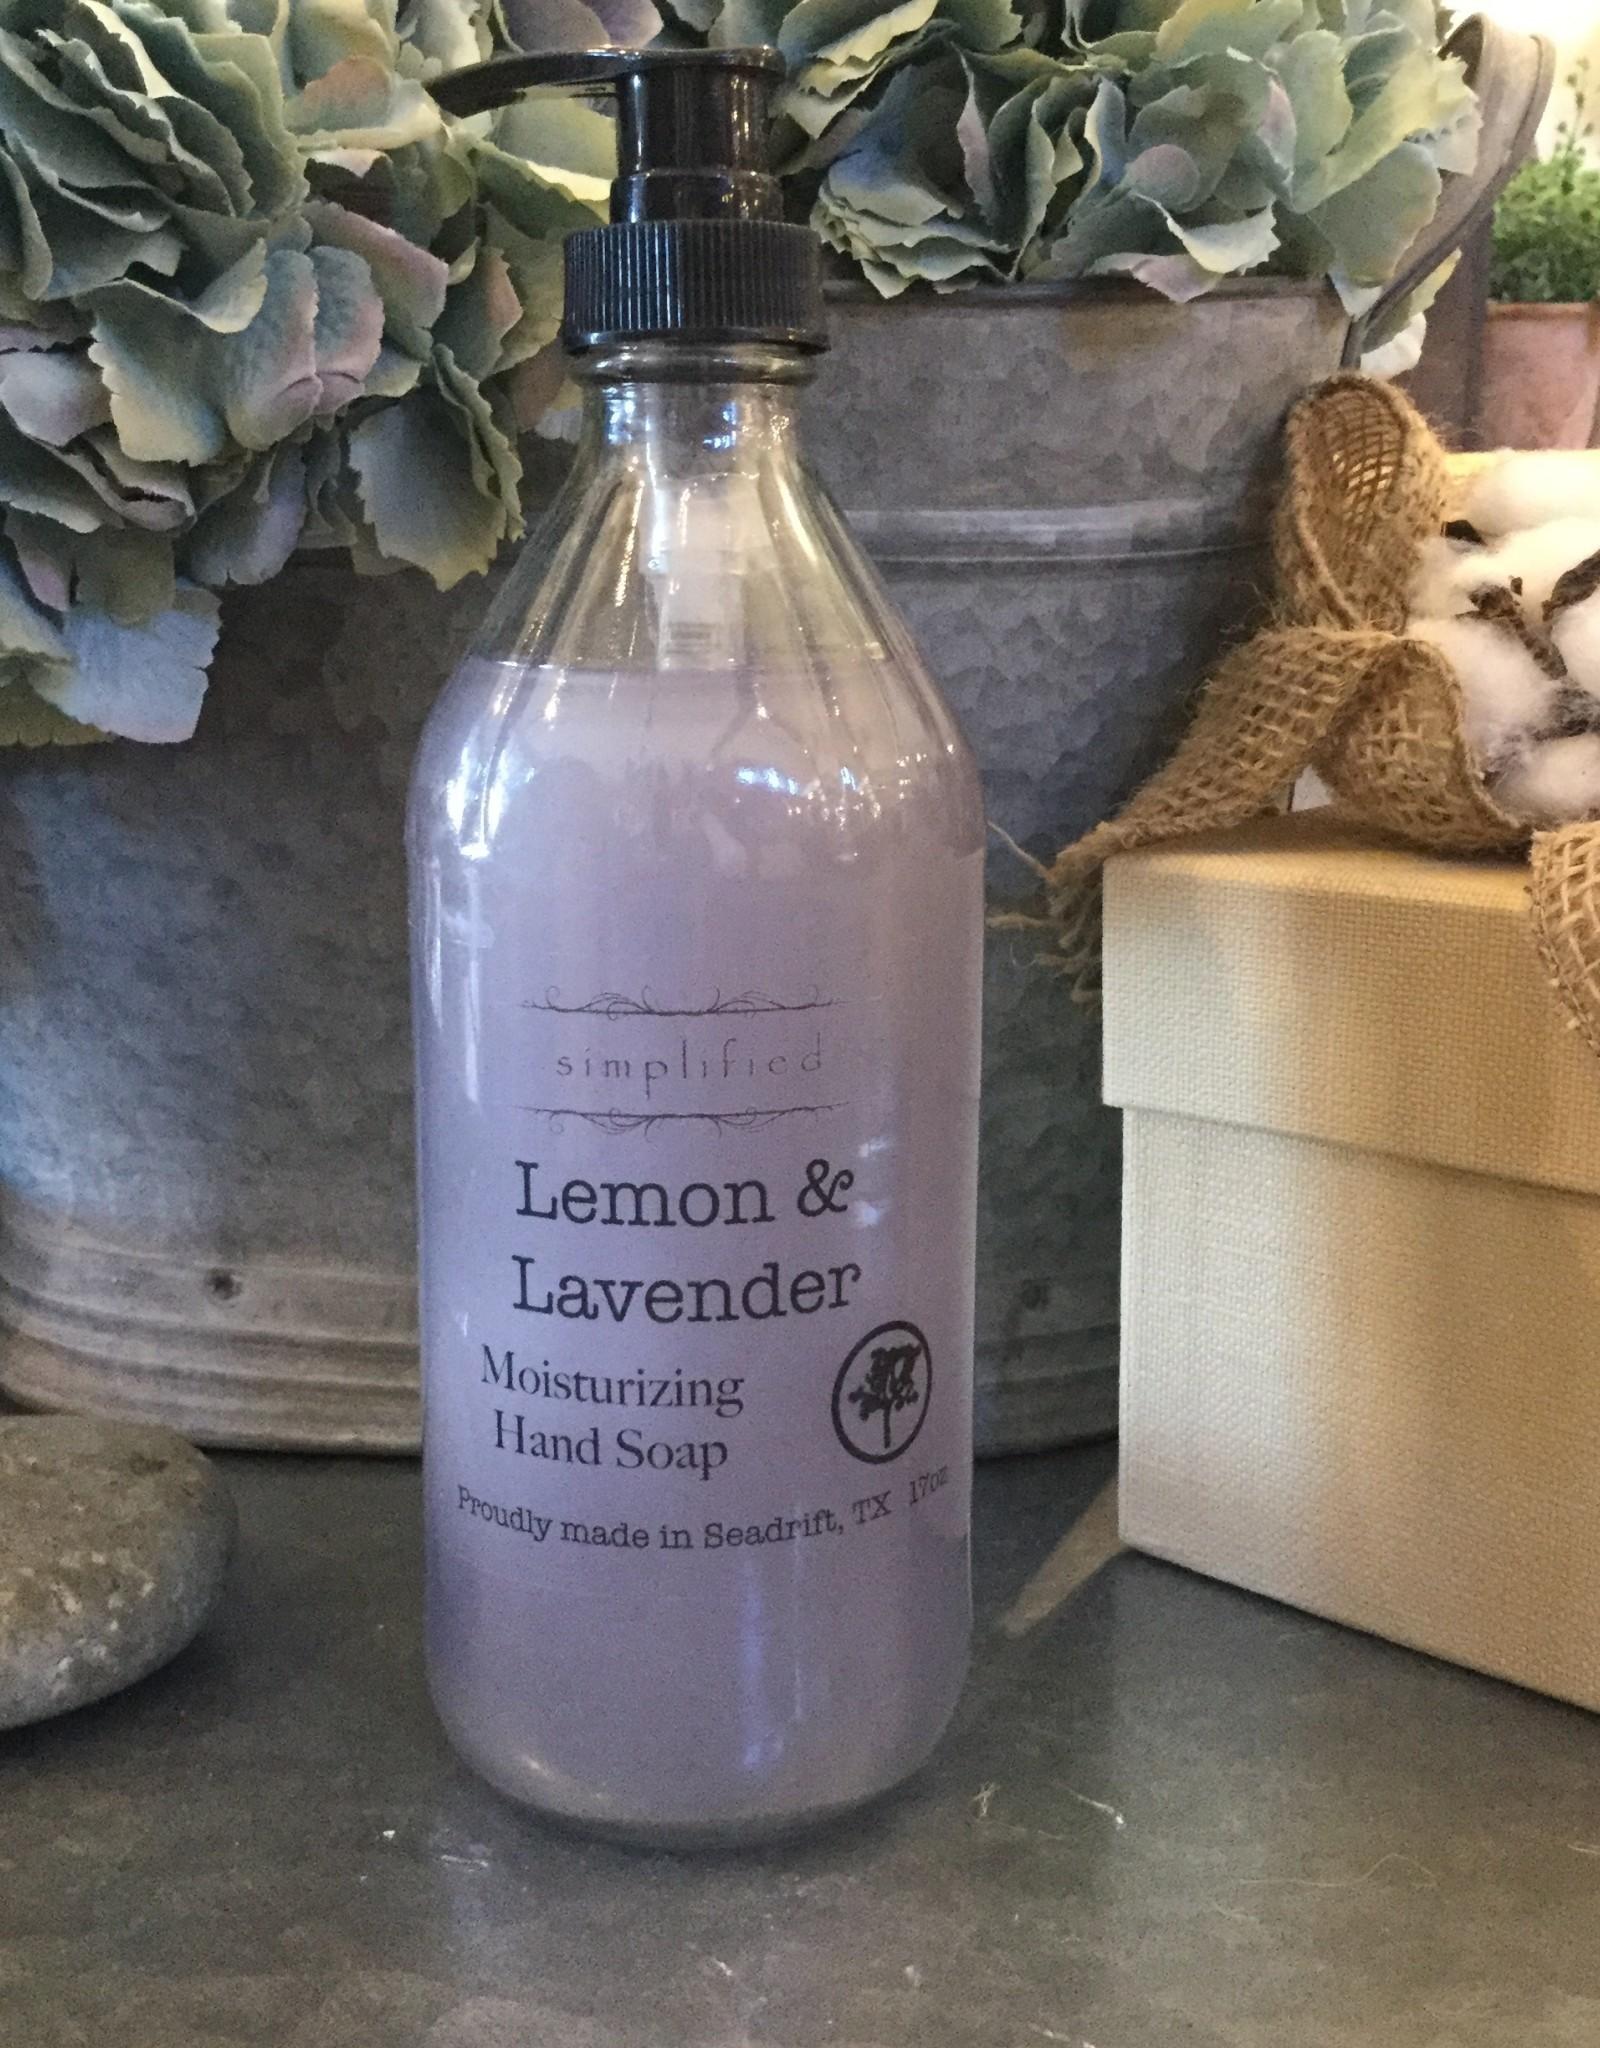 Simplified Soap Hand Soap 16oz - Lemon & Lavender